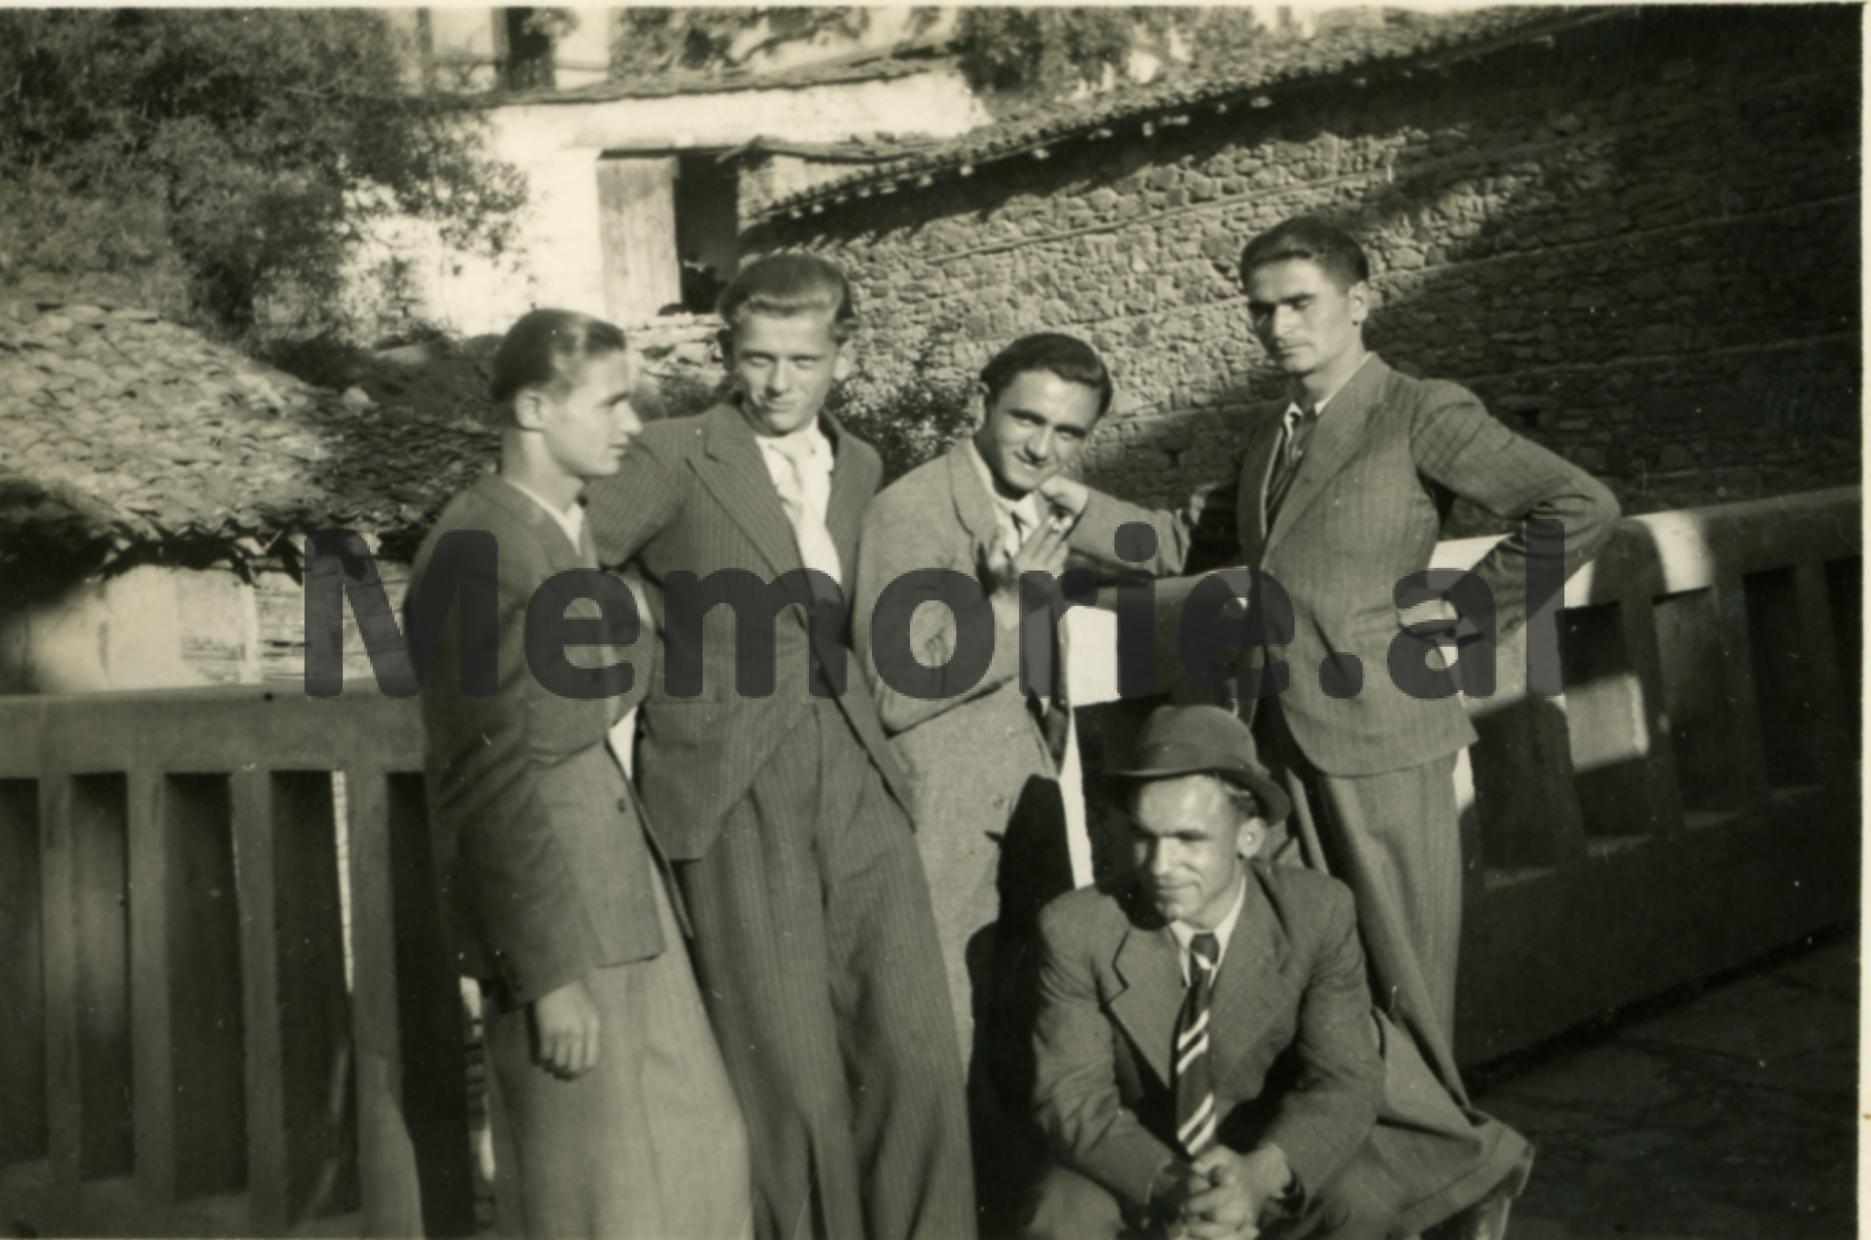 Boboshtice-14.09.1938.-Nga-e-mj.-ne-te-dj.-Stavri-Xharo-Sotir-Manushi-T.M.-Sotir-Gramatiku.-Ulur-Milo-Qirko.